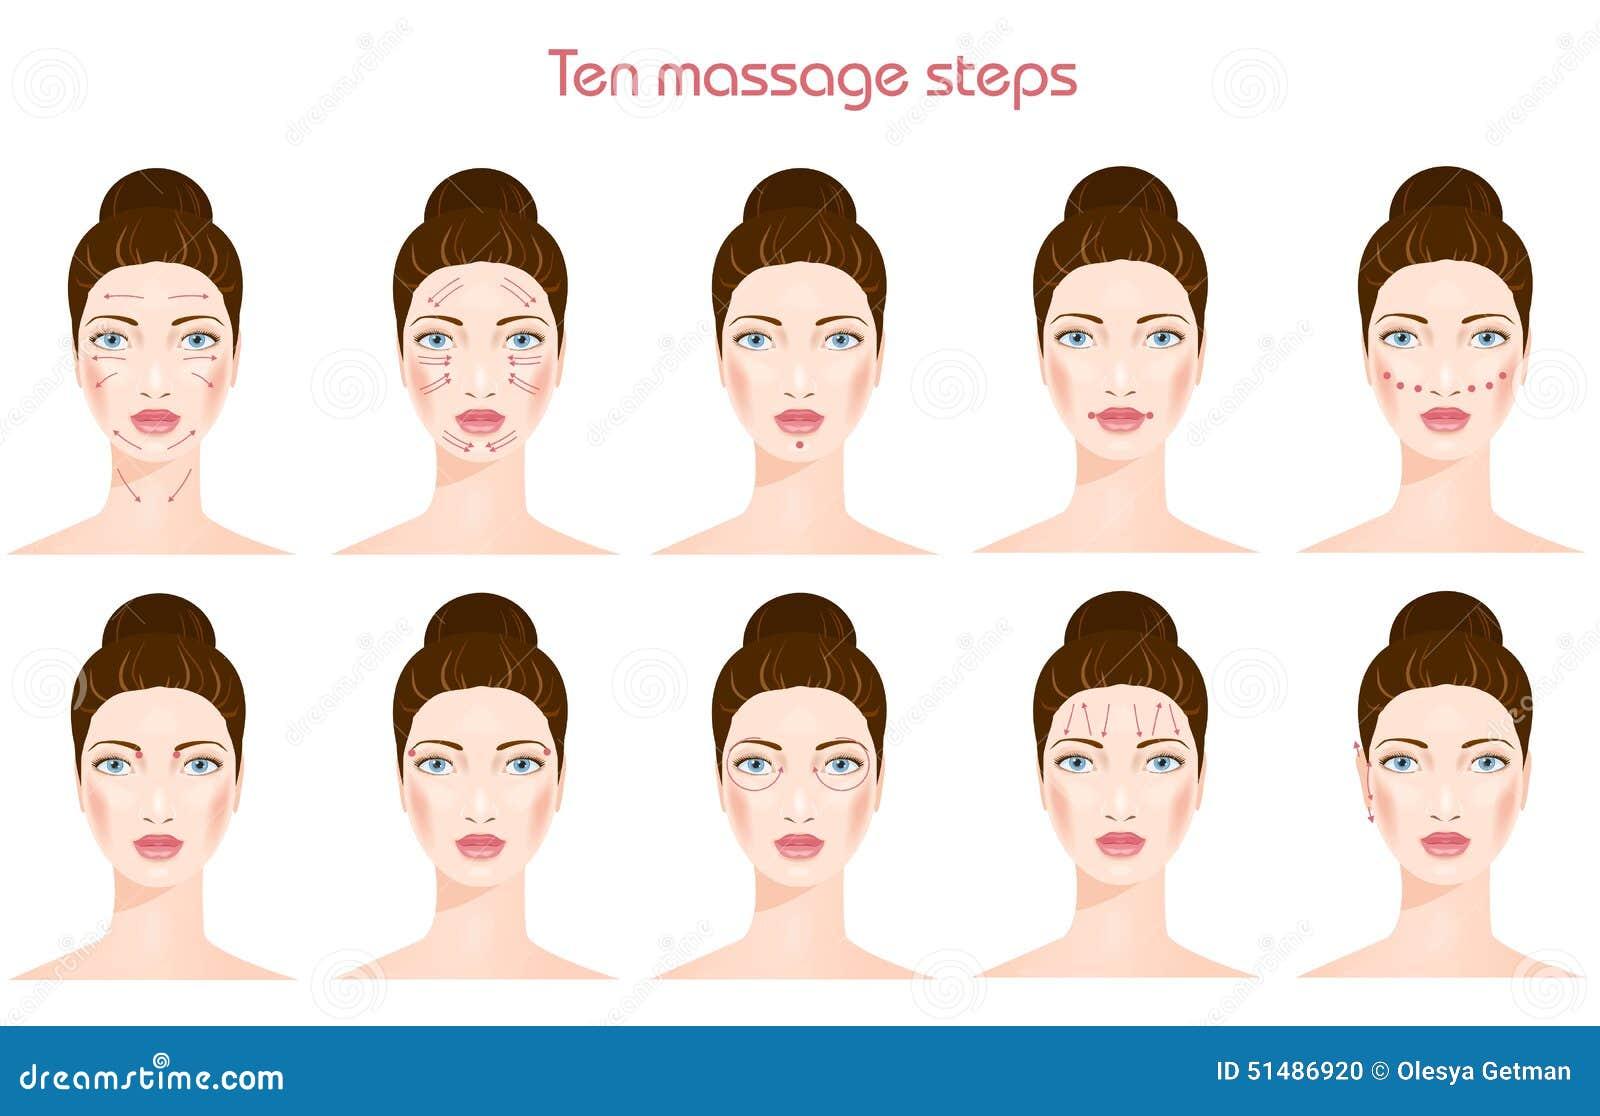 gesichtsmassage anleitung mit bildern nuri massage